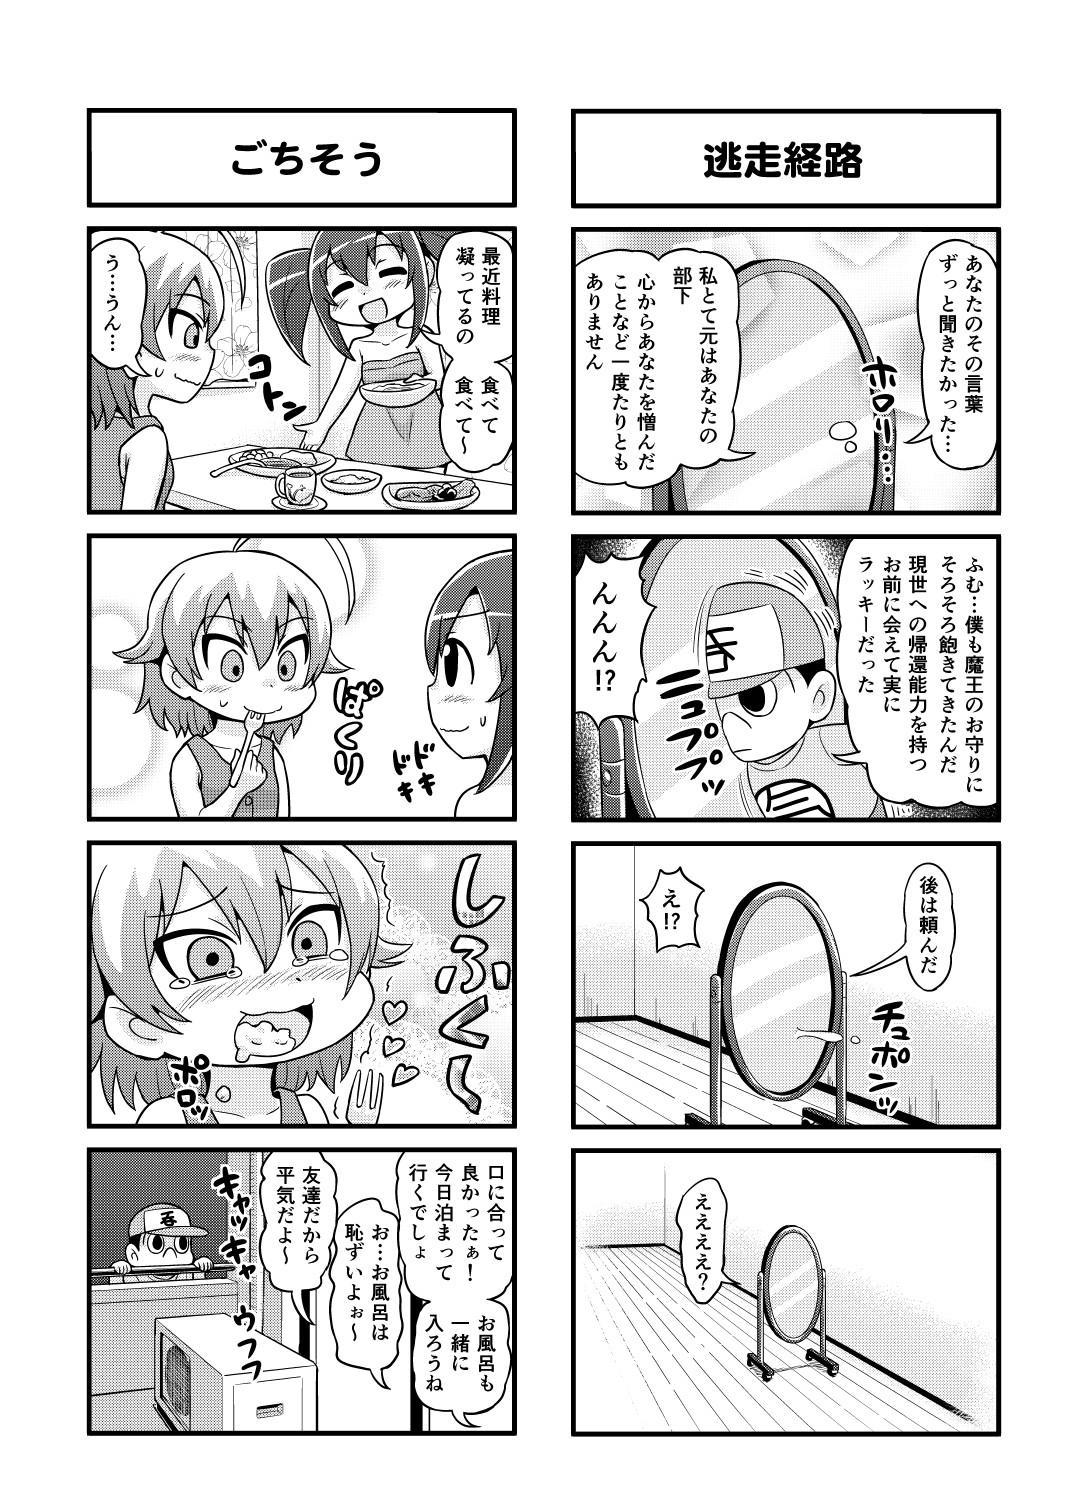 のんきBOY Ch. 1-20 88